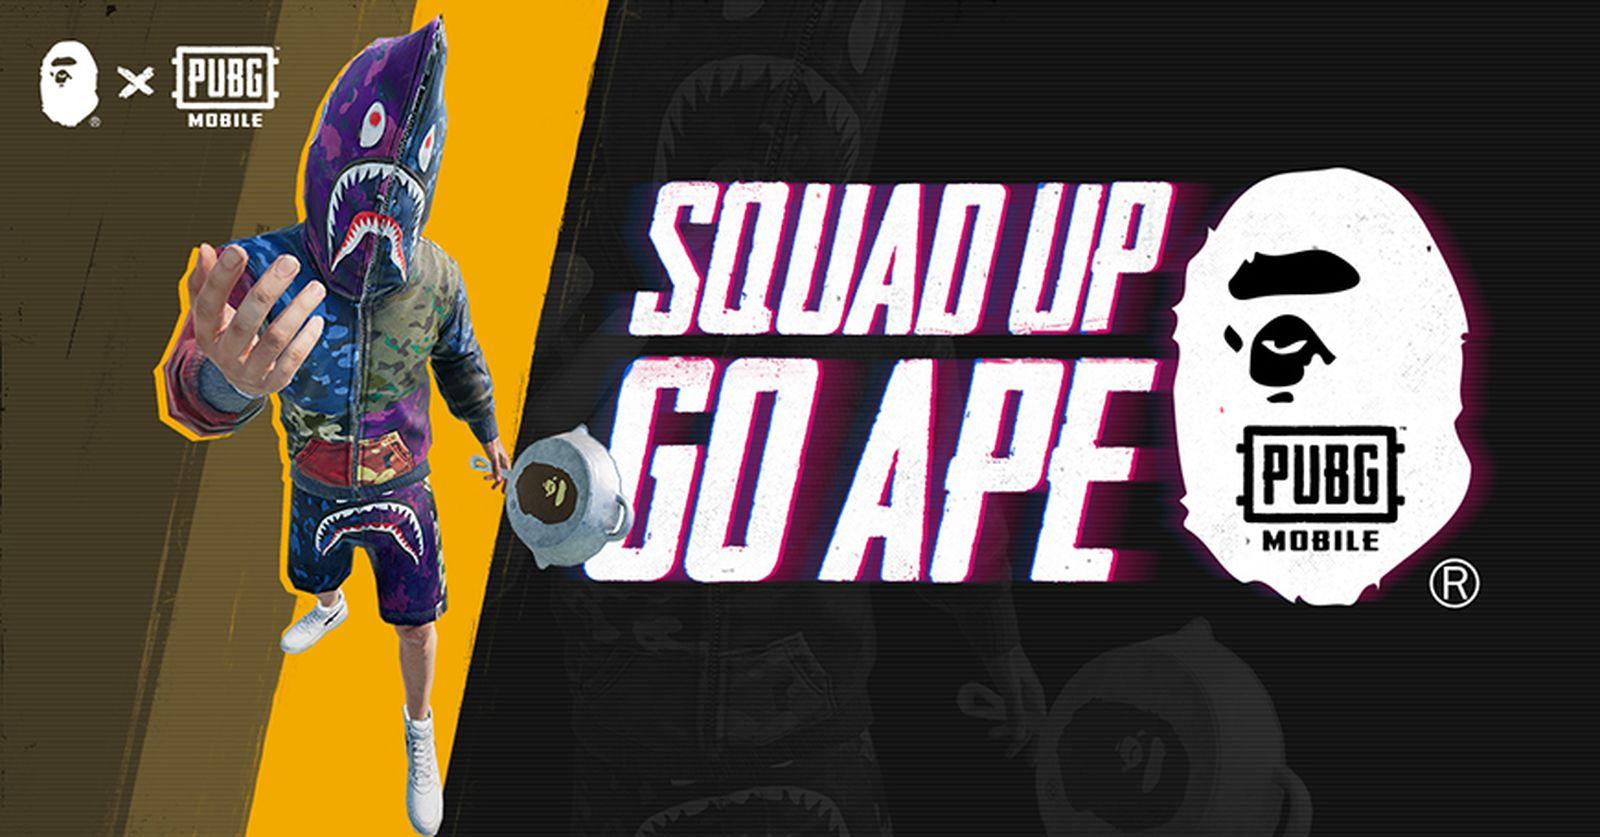 bape playerunknowns battlegrounds collaboration A Bathing Ape PlayerUnknown's Battlegrounds pubg